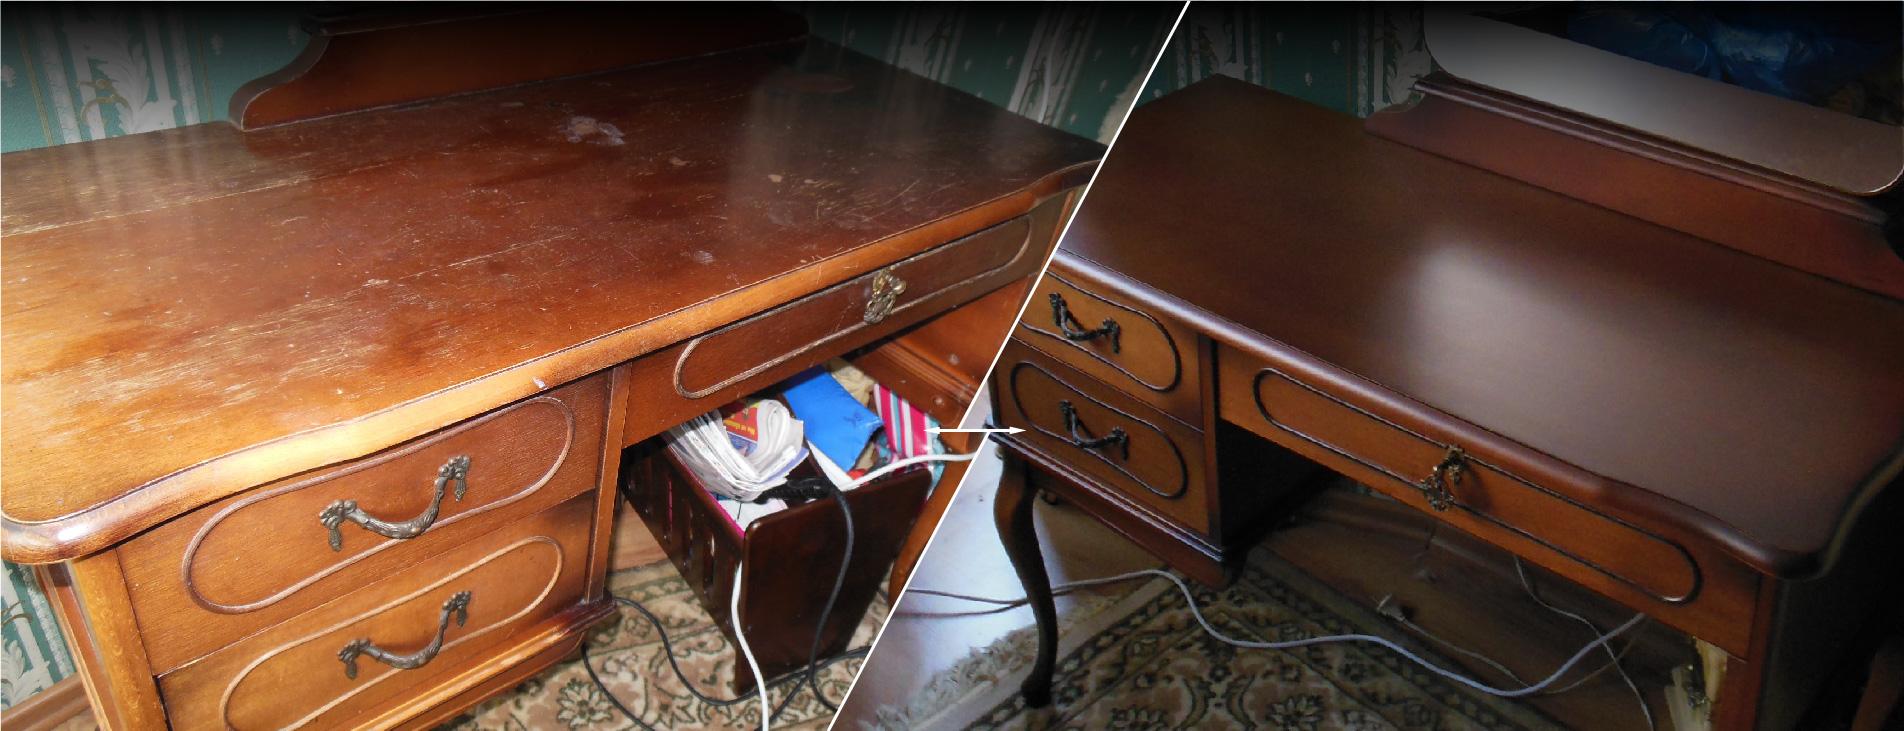 Старая мебель : потрясающие идеи обновления и реставрации мебели без 8